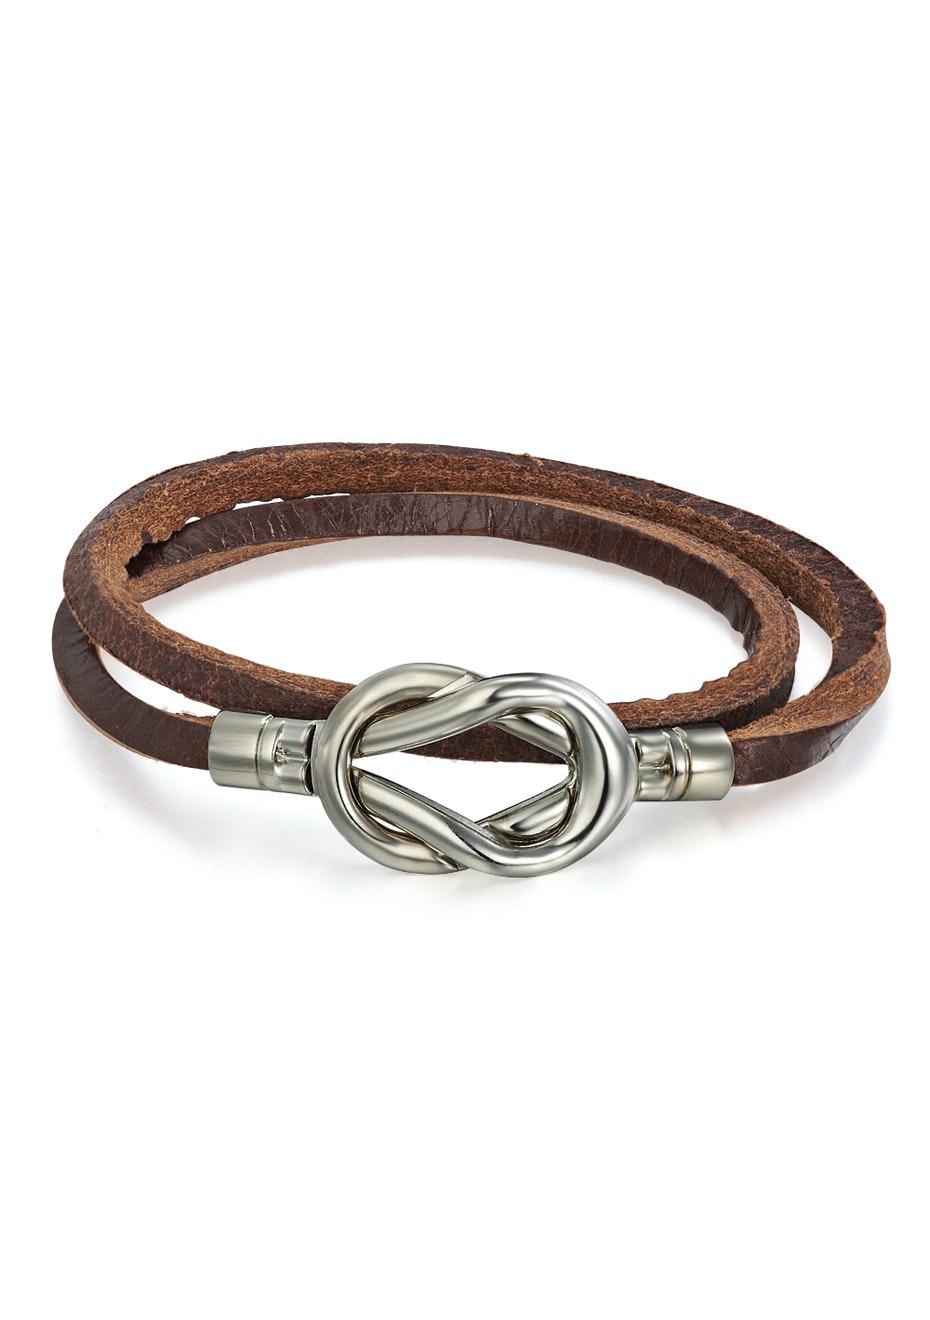 Genuine Cow Leather 2 row infinite wrap bracelet